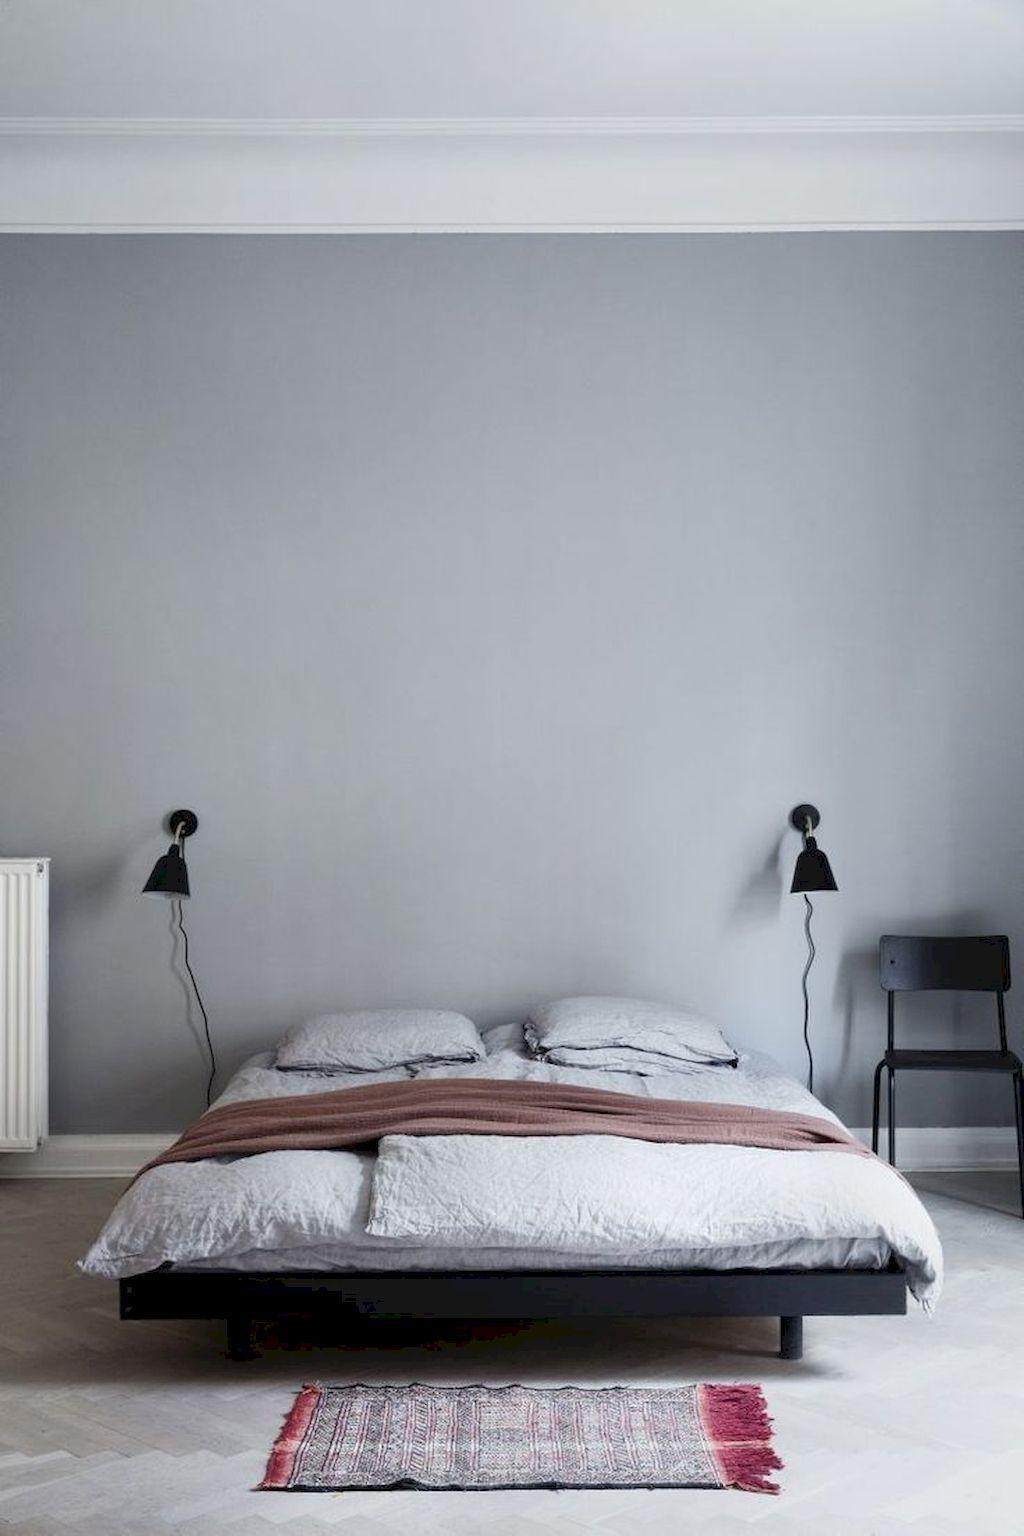 Black Scandinavian wall sconces in bedroom